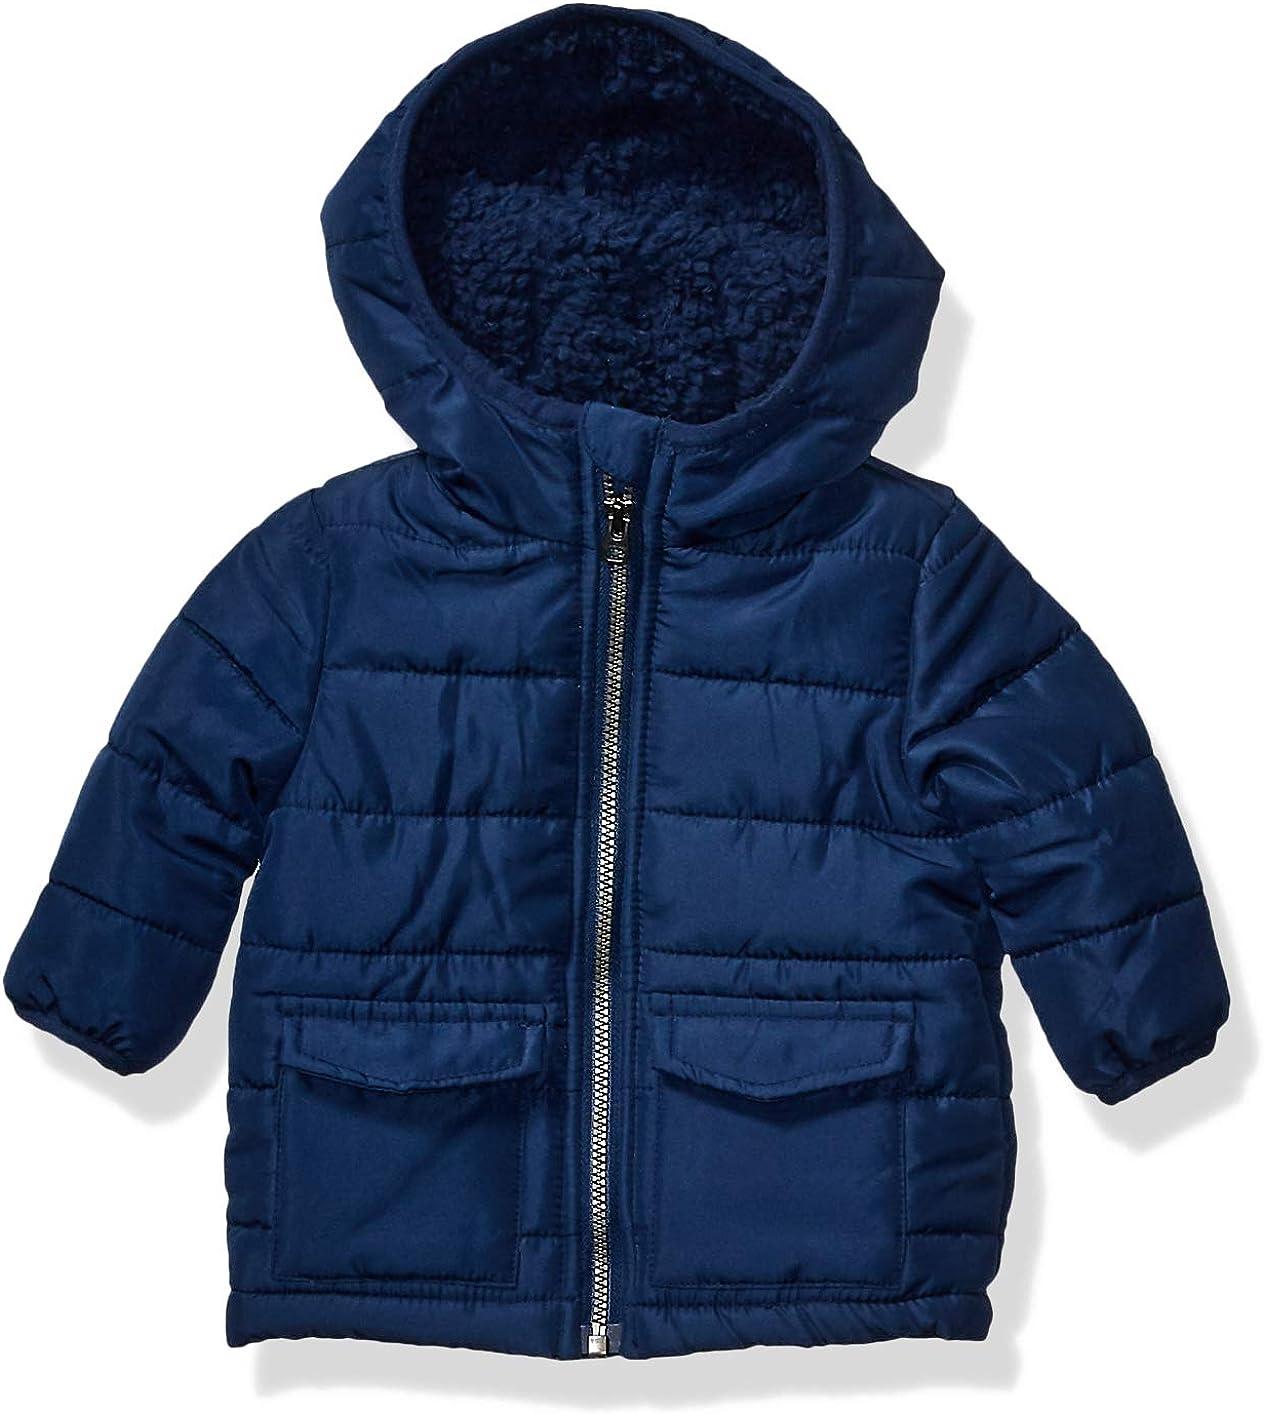 Splendid Max 70% Max 63% OFF OFF Baby Jacket Boys